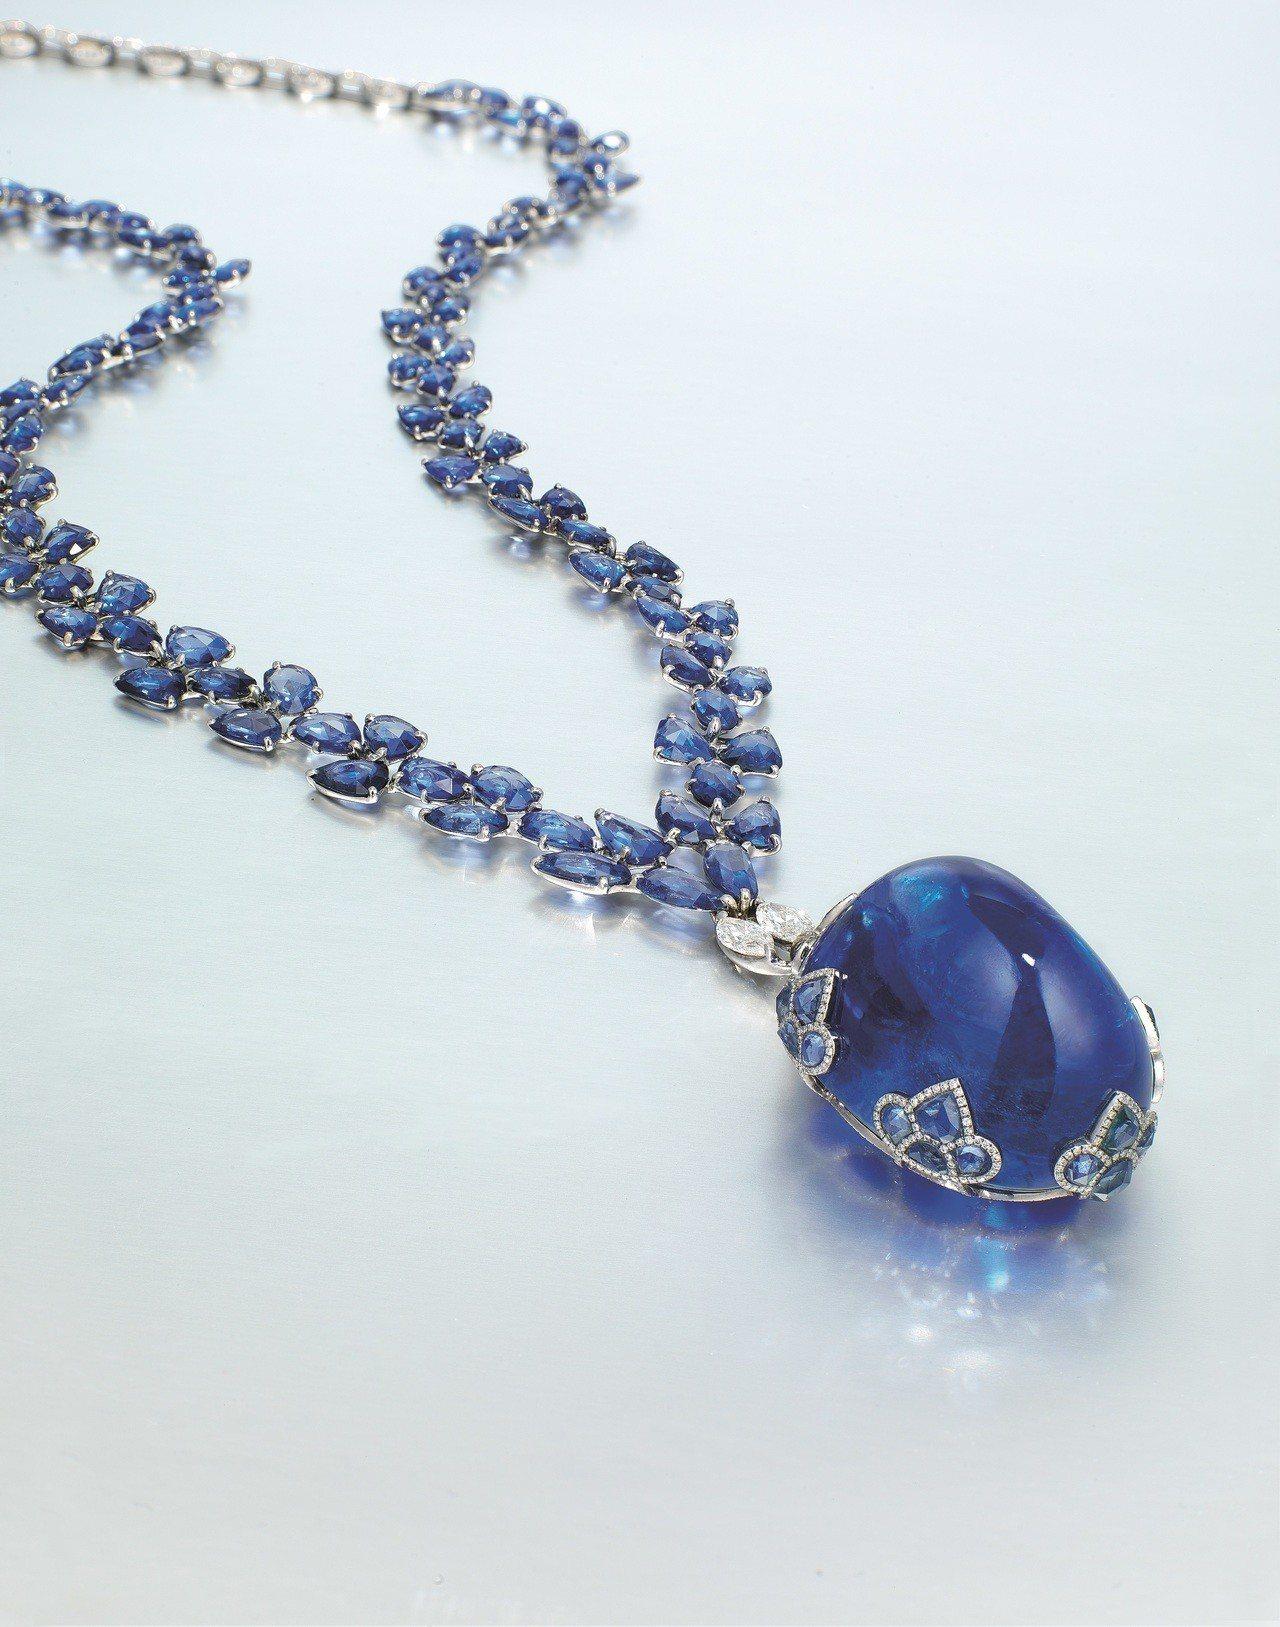 金氏世界紀錄是最大蛋面藍寶石「The Ultimate Mogok Blue T...